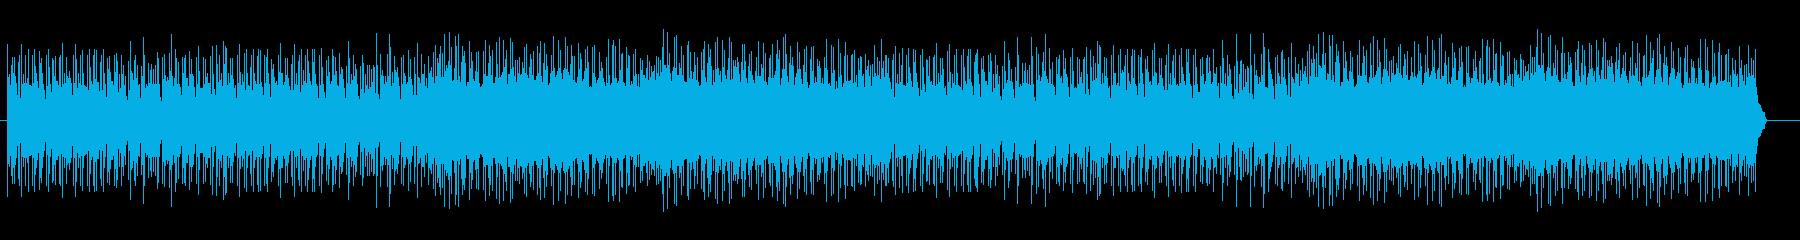 昔のシューティングゲームの2面ですの再生済みの波形